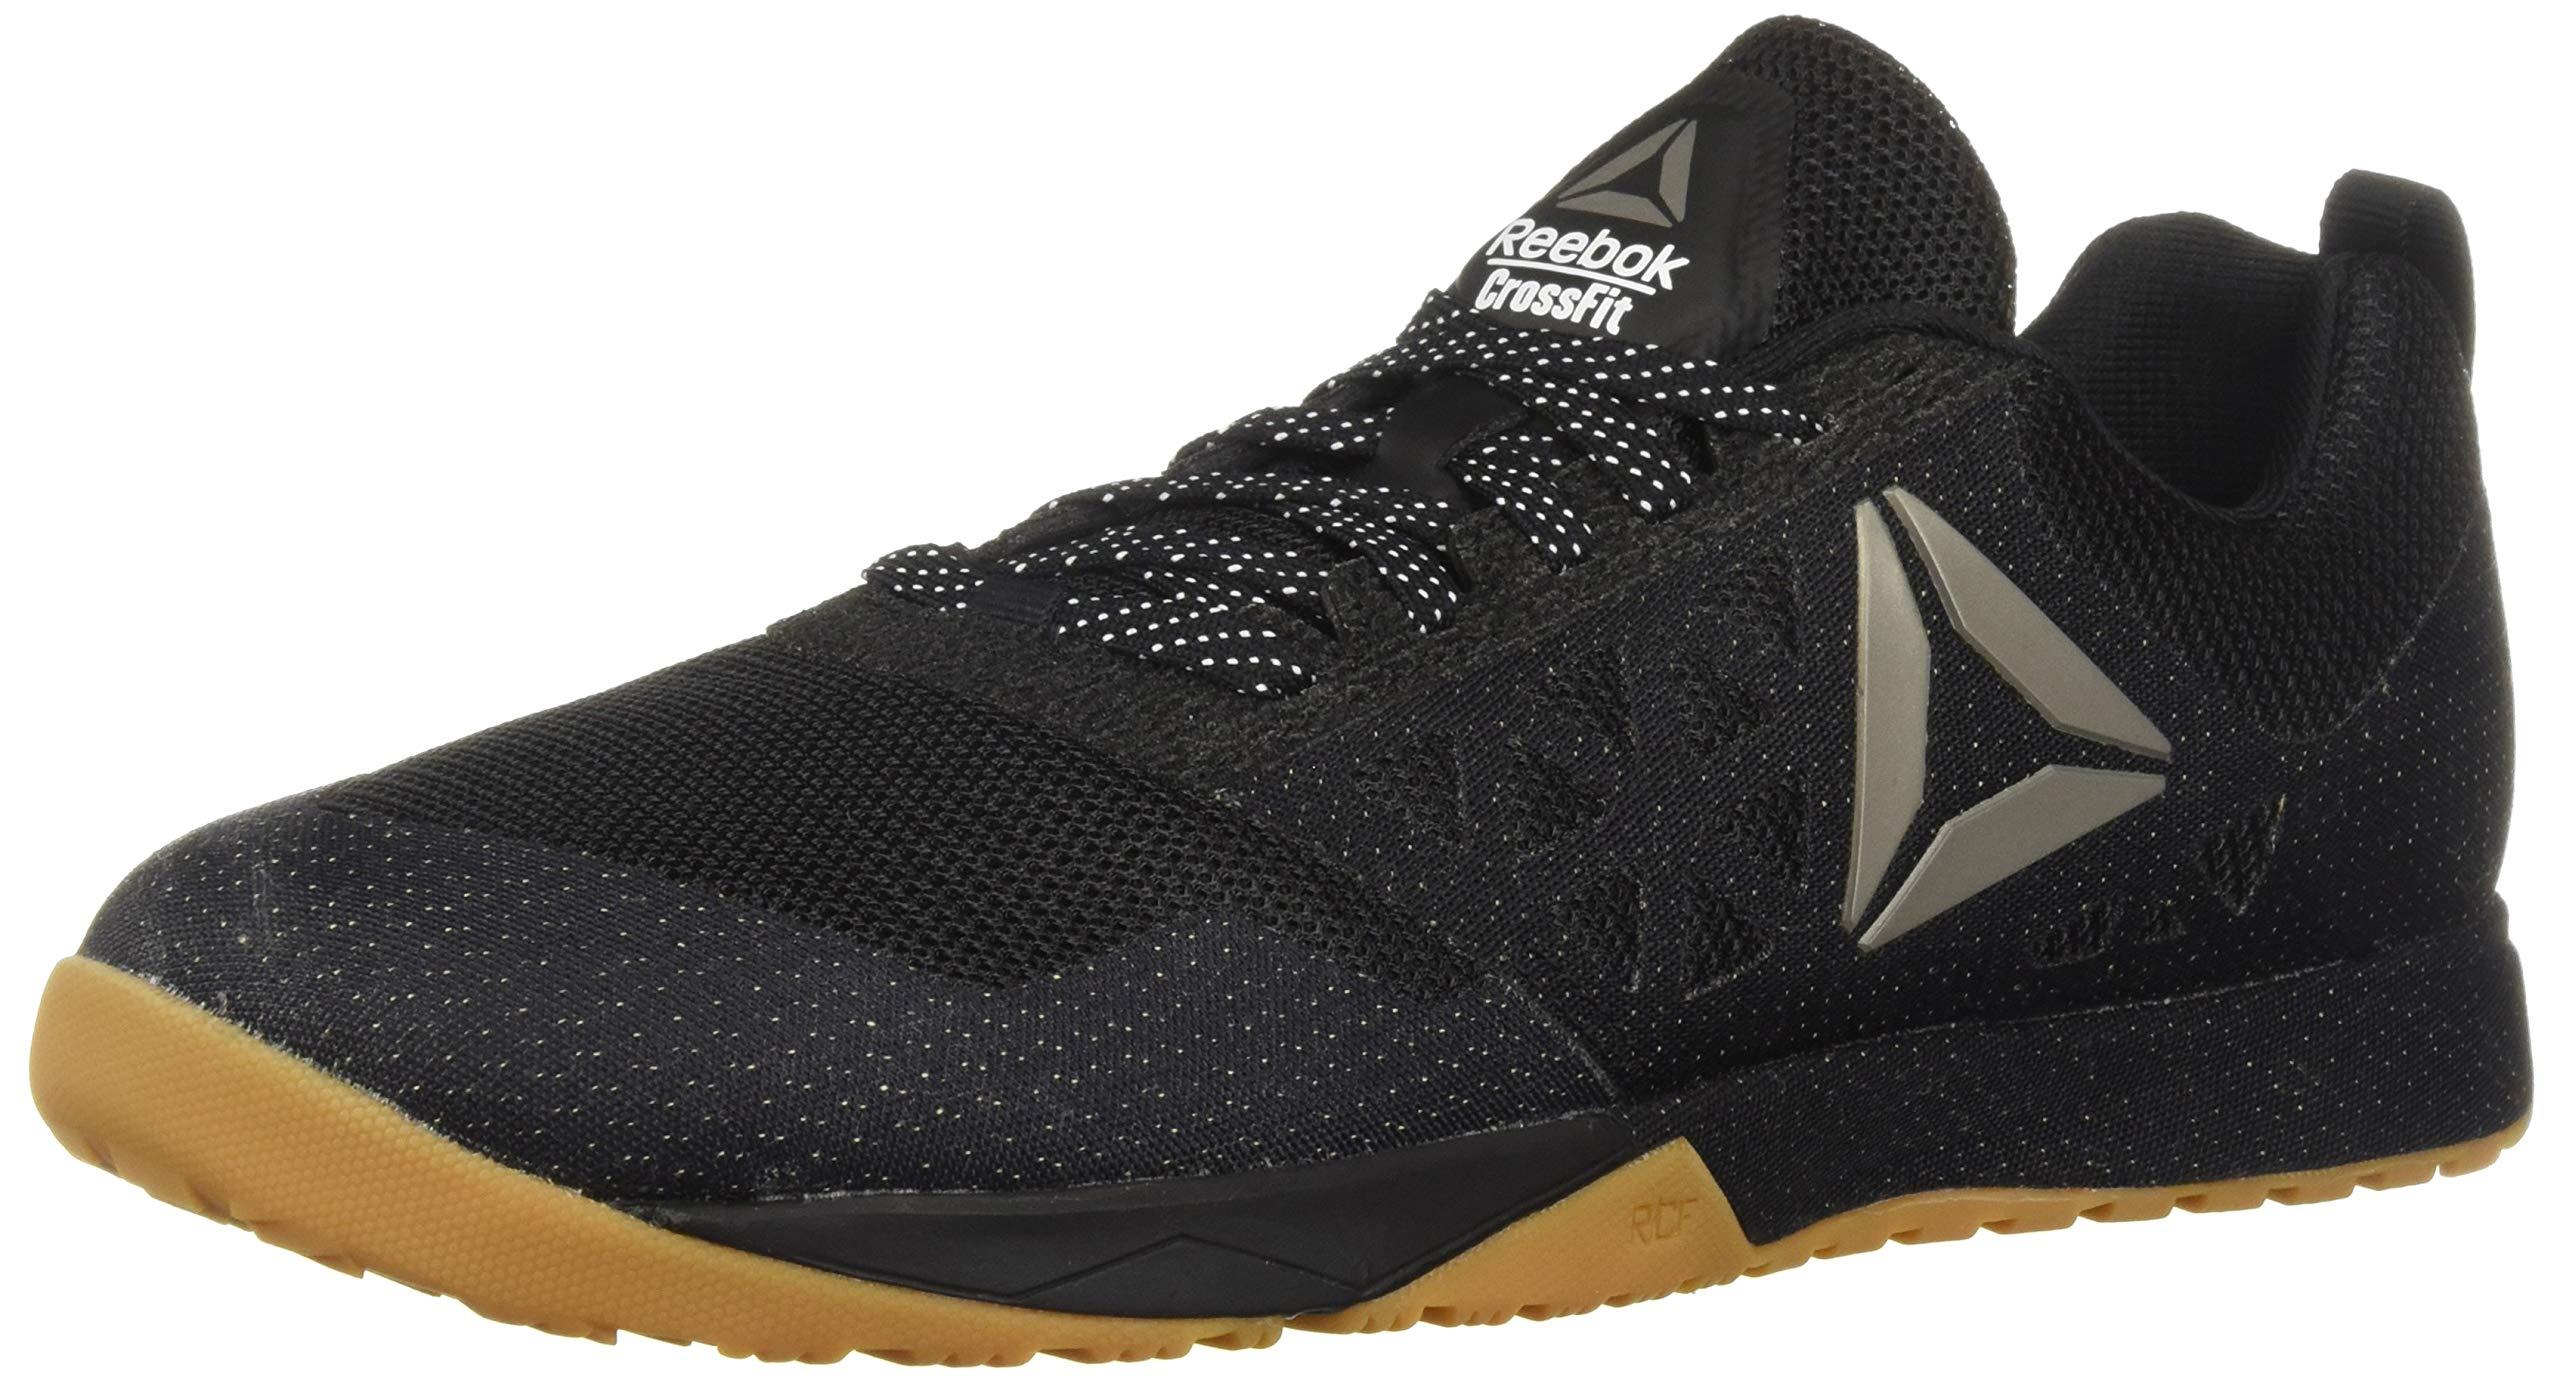 Reebok Men's CROSSFIT Nano 6.0 Climbing Shoe, Black/Gum, 10.5 M US by Reebok